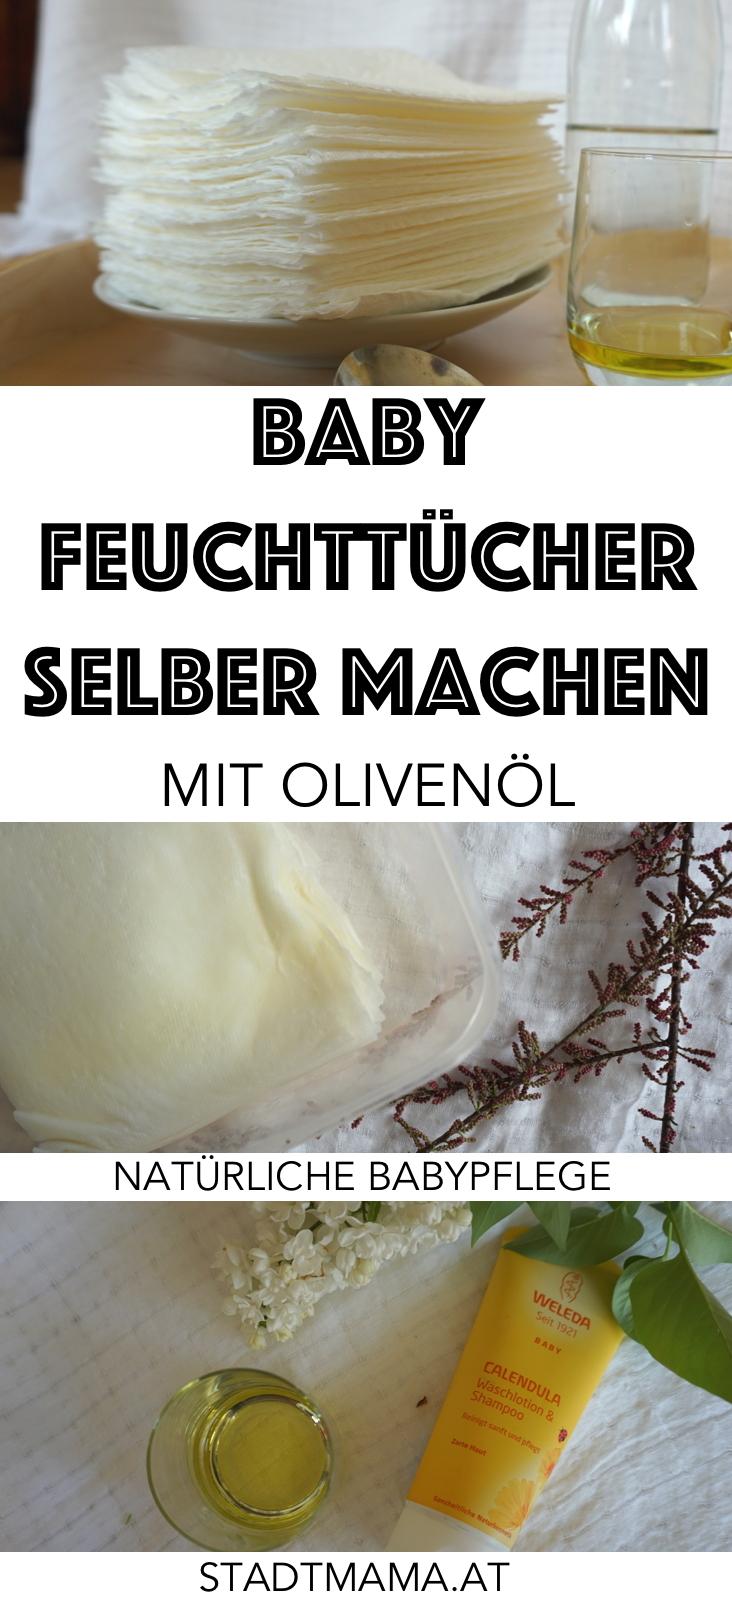 Baby Feuchttücher kann man ganz einfach und natürlich selber machen: Mit Olivenöl, Küchentuch und Baby-Pflegeseife. Simple DIY Anleitung für Feuchttücher die wir schon seit Jahren verwenden.